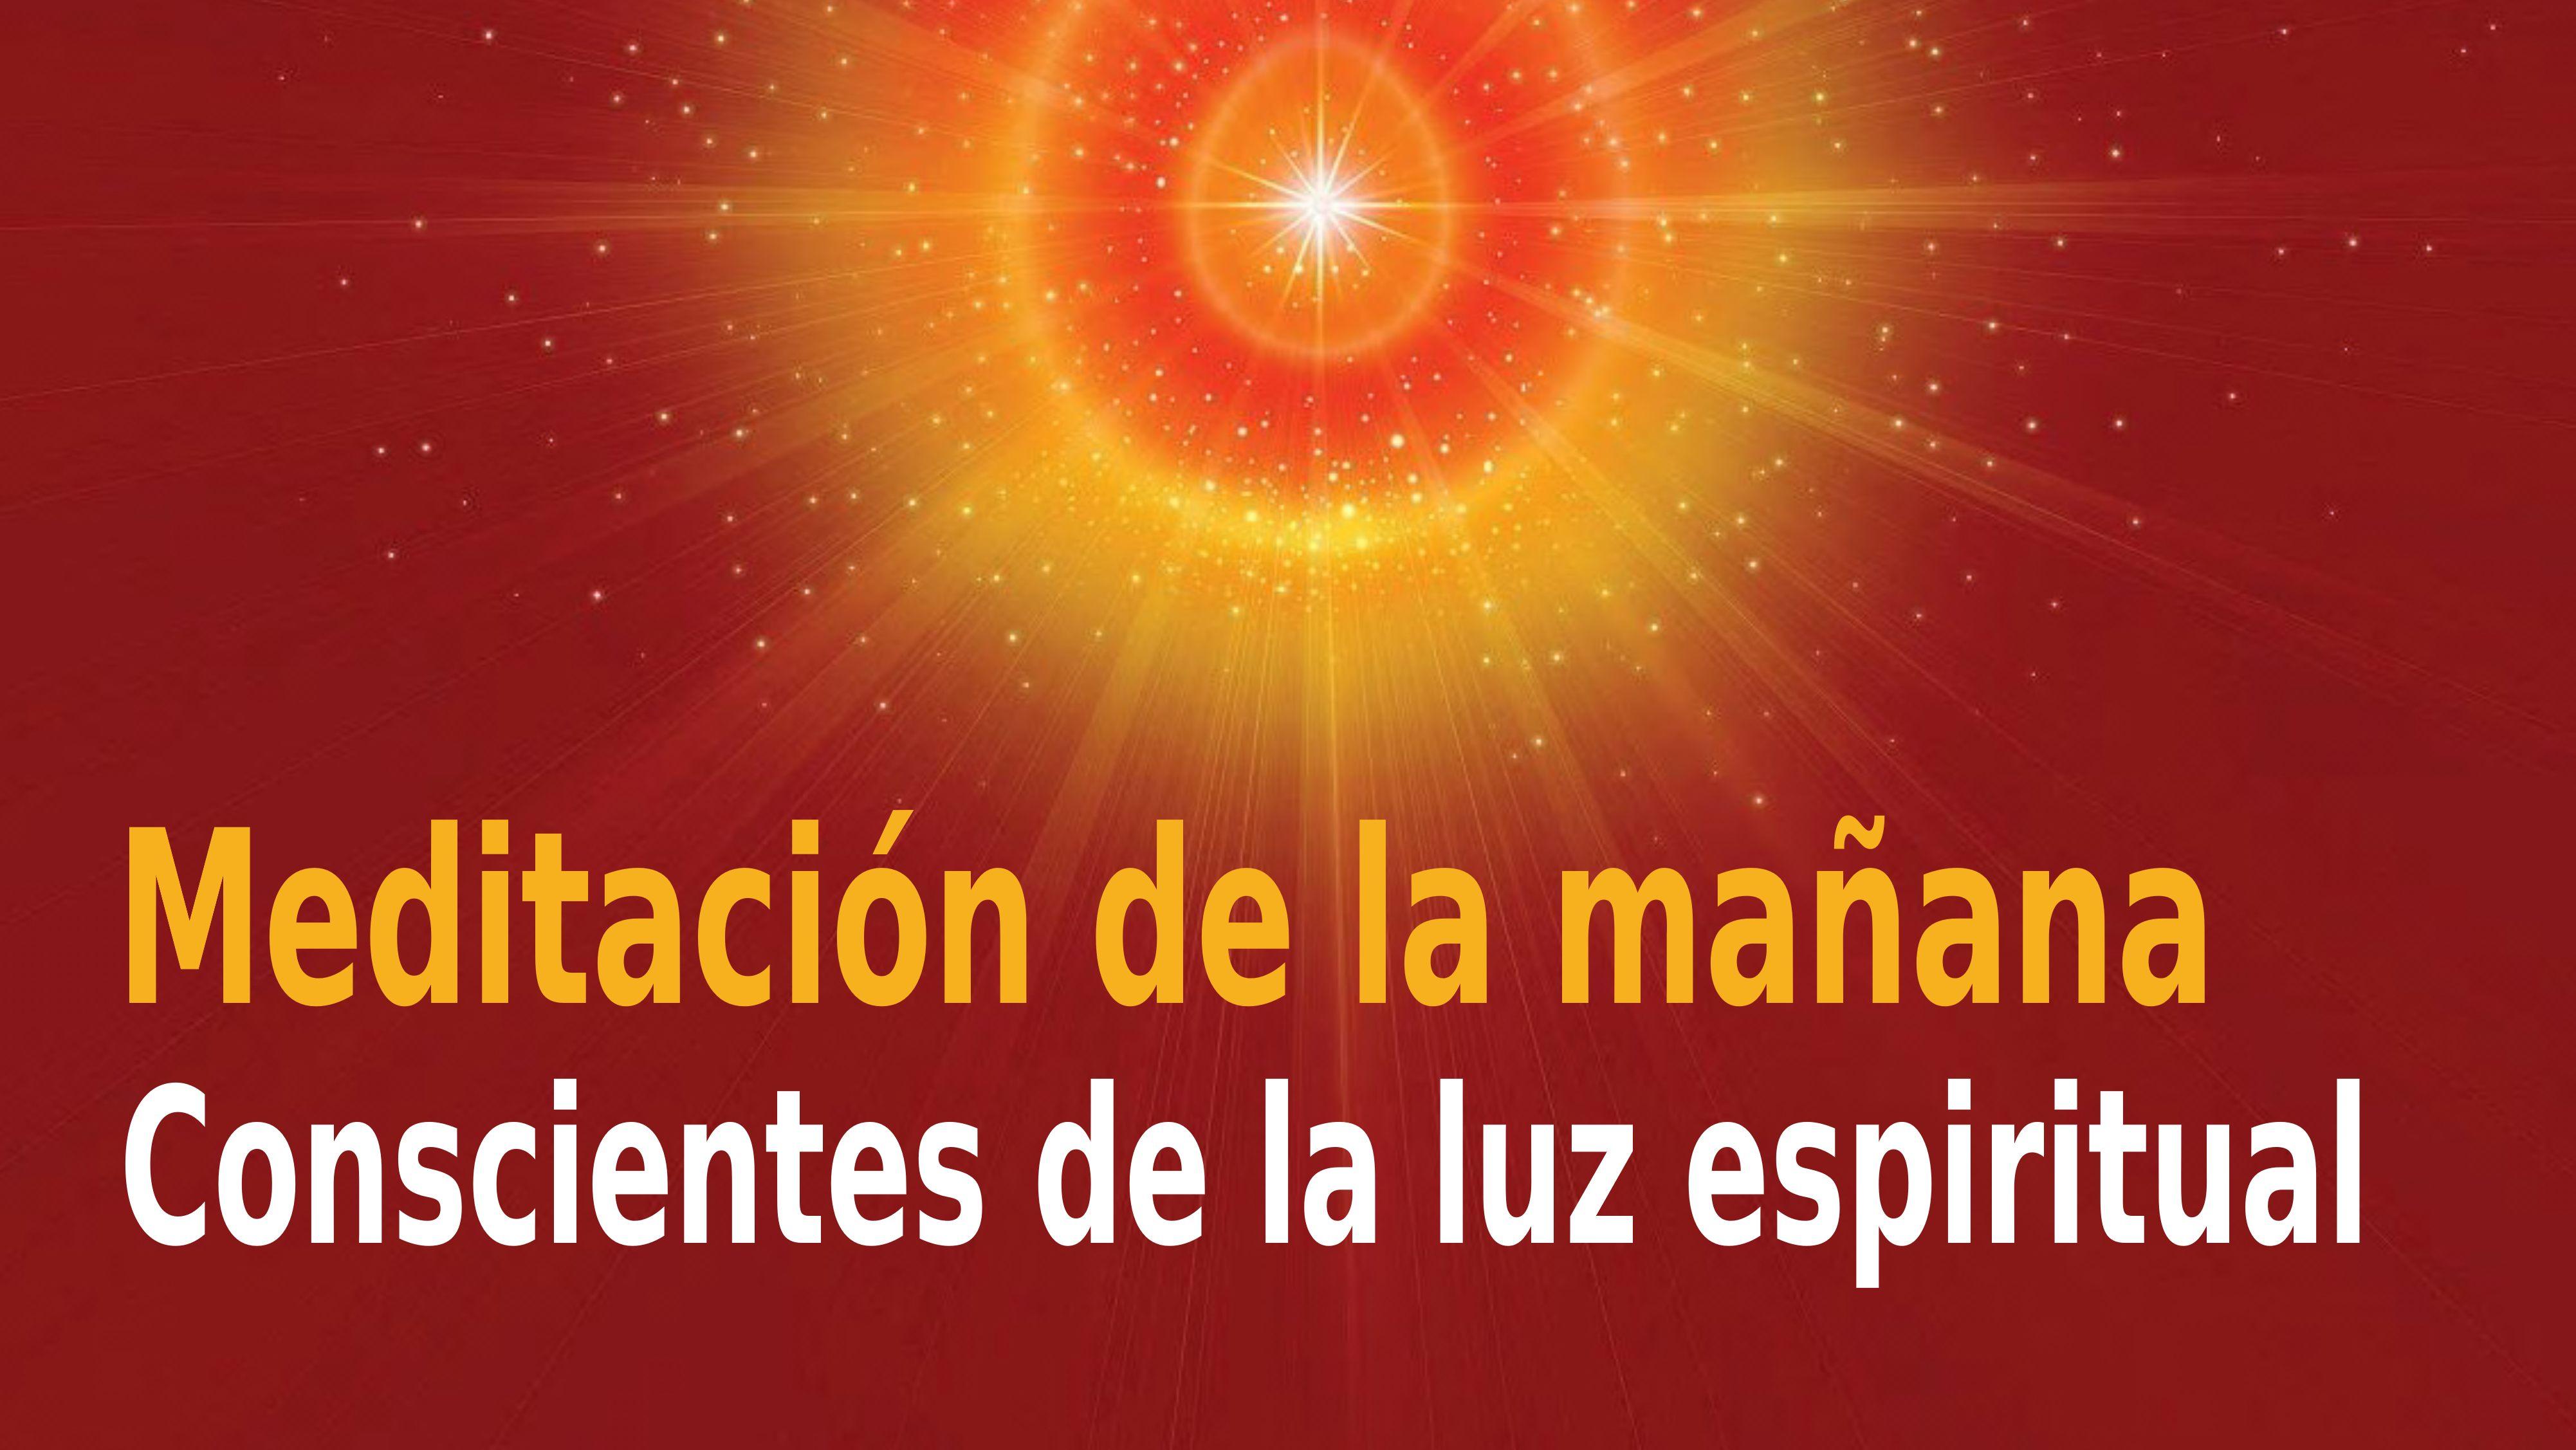 Meditación Raja Yoga de la mañana: Conscientes de la luz espiritual (23 Noviembre 2020)